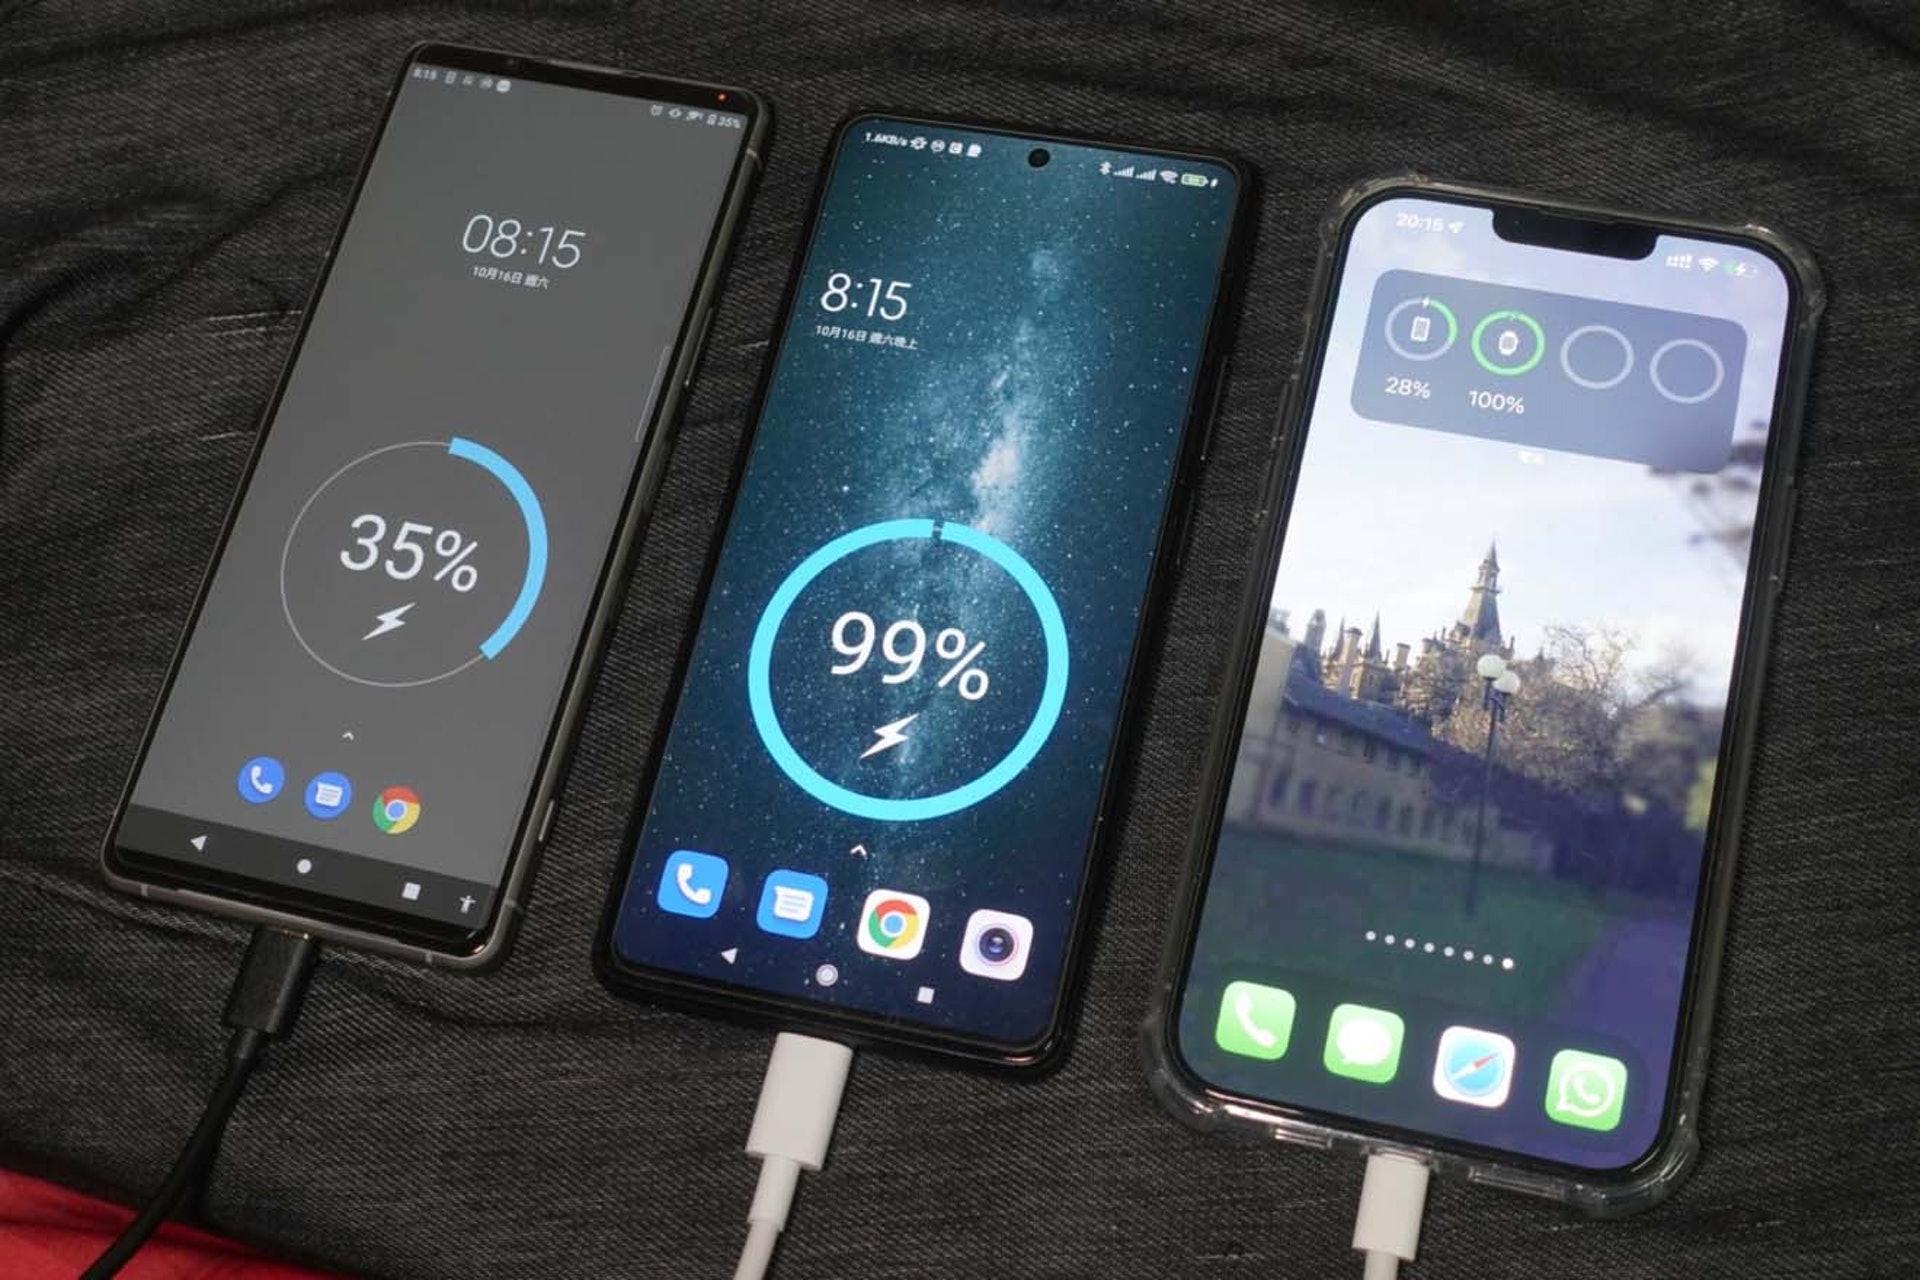 充電17分鐘,Xiaomi 11T Pro已經充滿電至接近全滿的99%水平,其餘兩機則仍然只在30%上下。